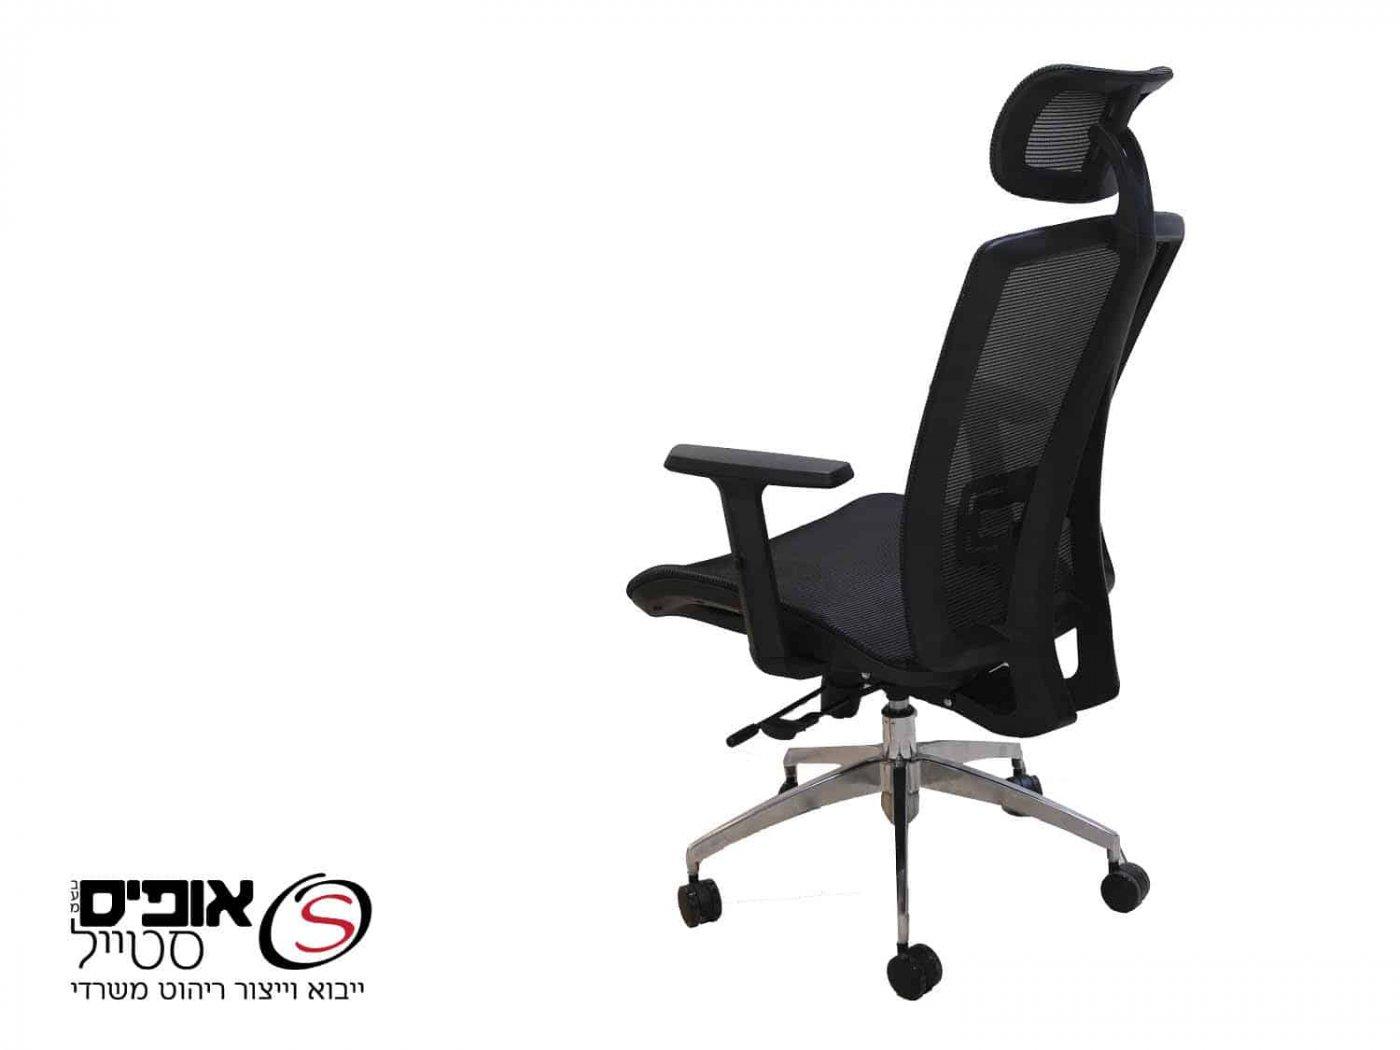 כסא מנהל דגם דולב